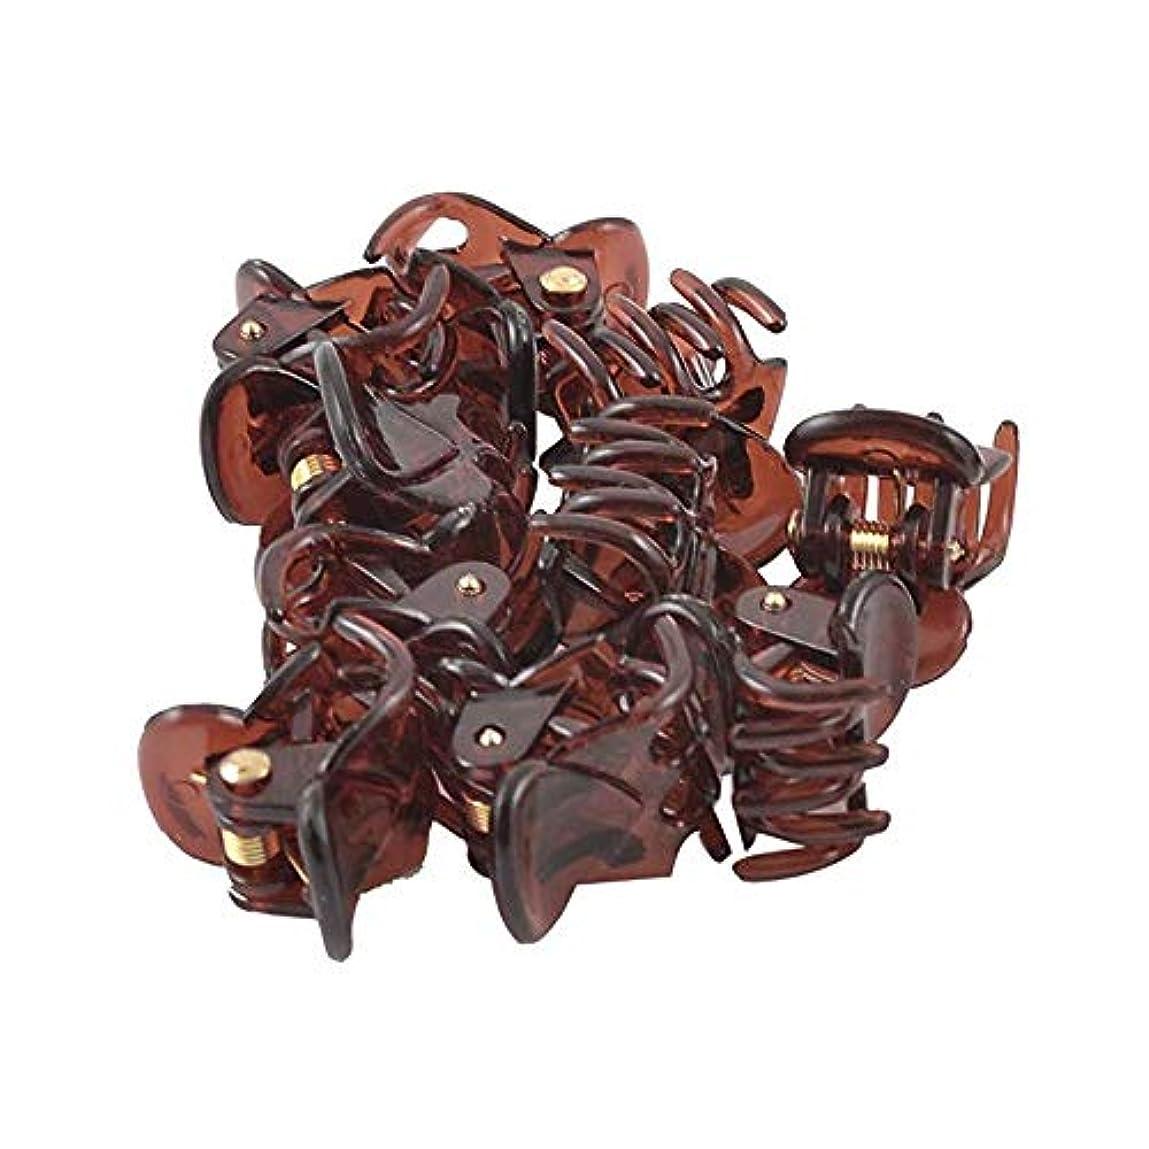 恋人チョコレート裏切り12ピースのヘアクリップ ミニクリップ 軽量でスタイリッシュな 楽しい外観 かわいい装飾